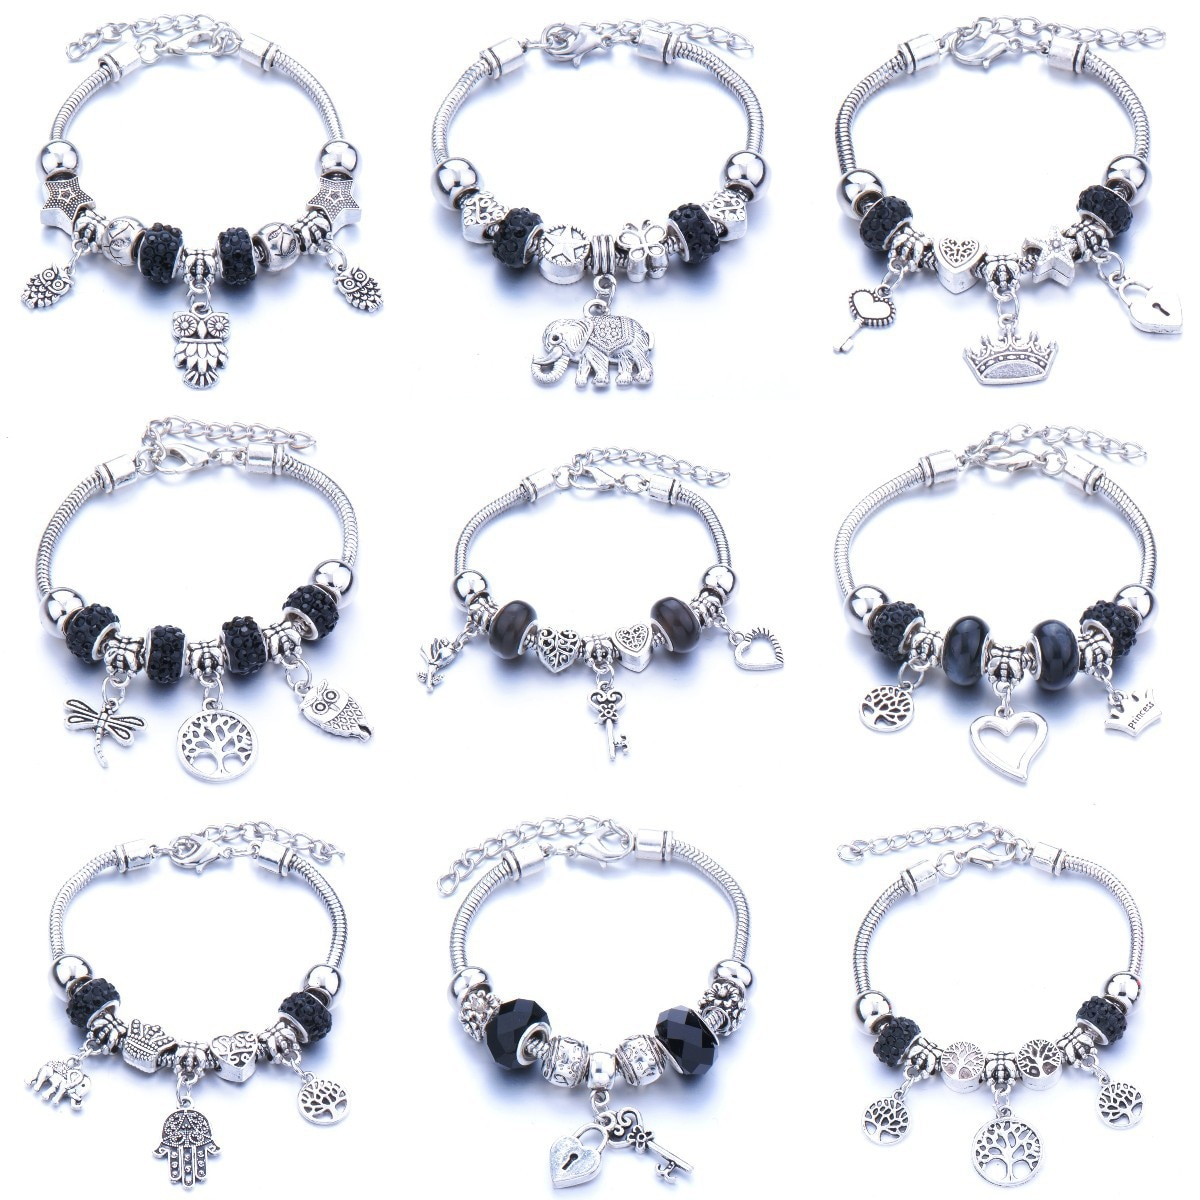 Vintage negro Árbol de la vida de la Corona pulseras del encanto para las mujeres cuentas de cristal finas pulseras de las mujeres joyería de la pulsera de Pandora